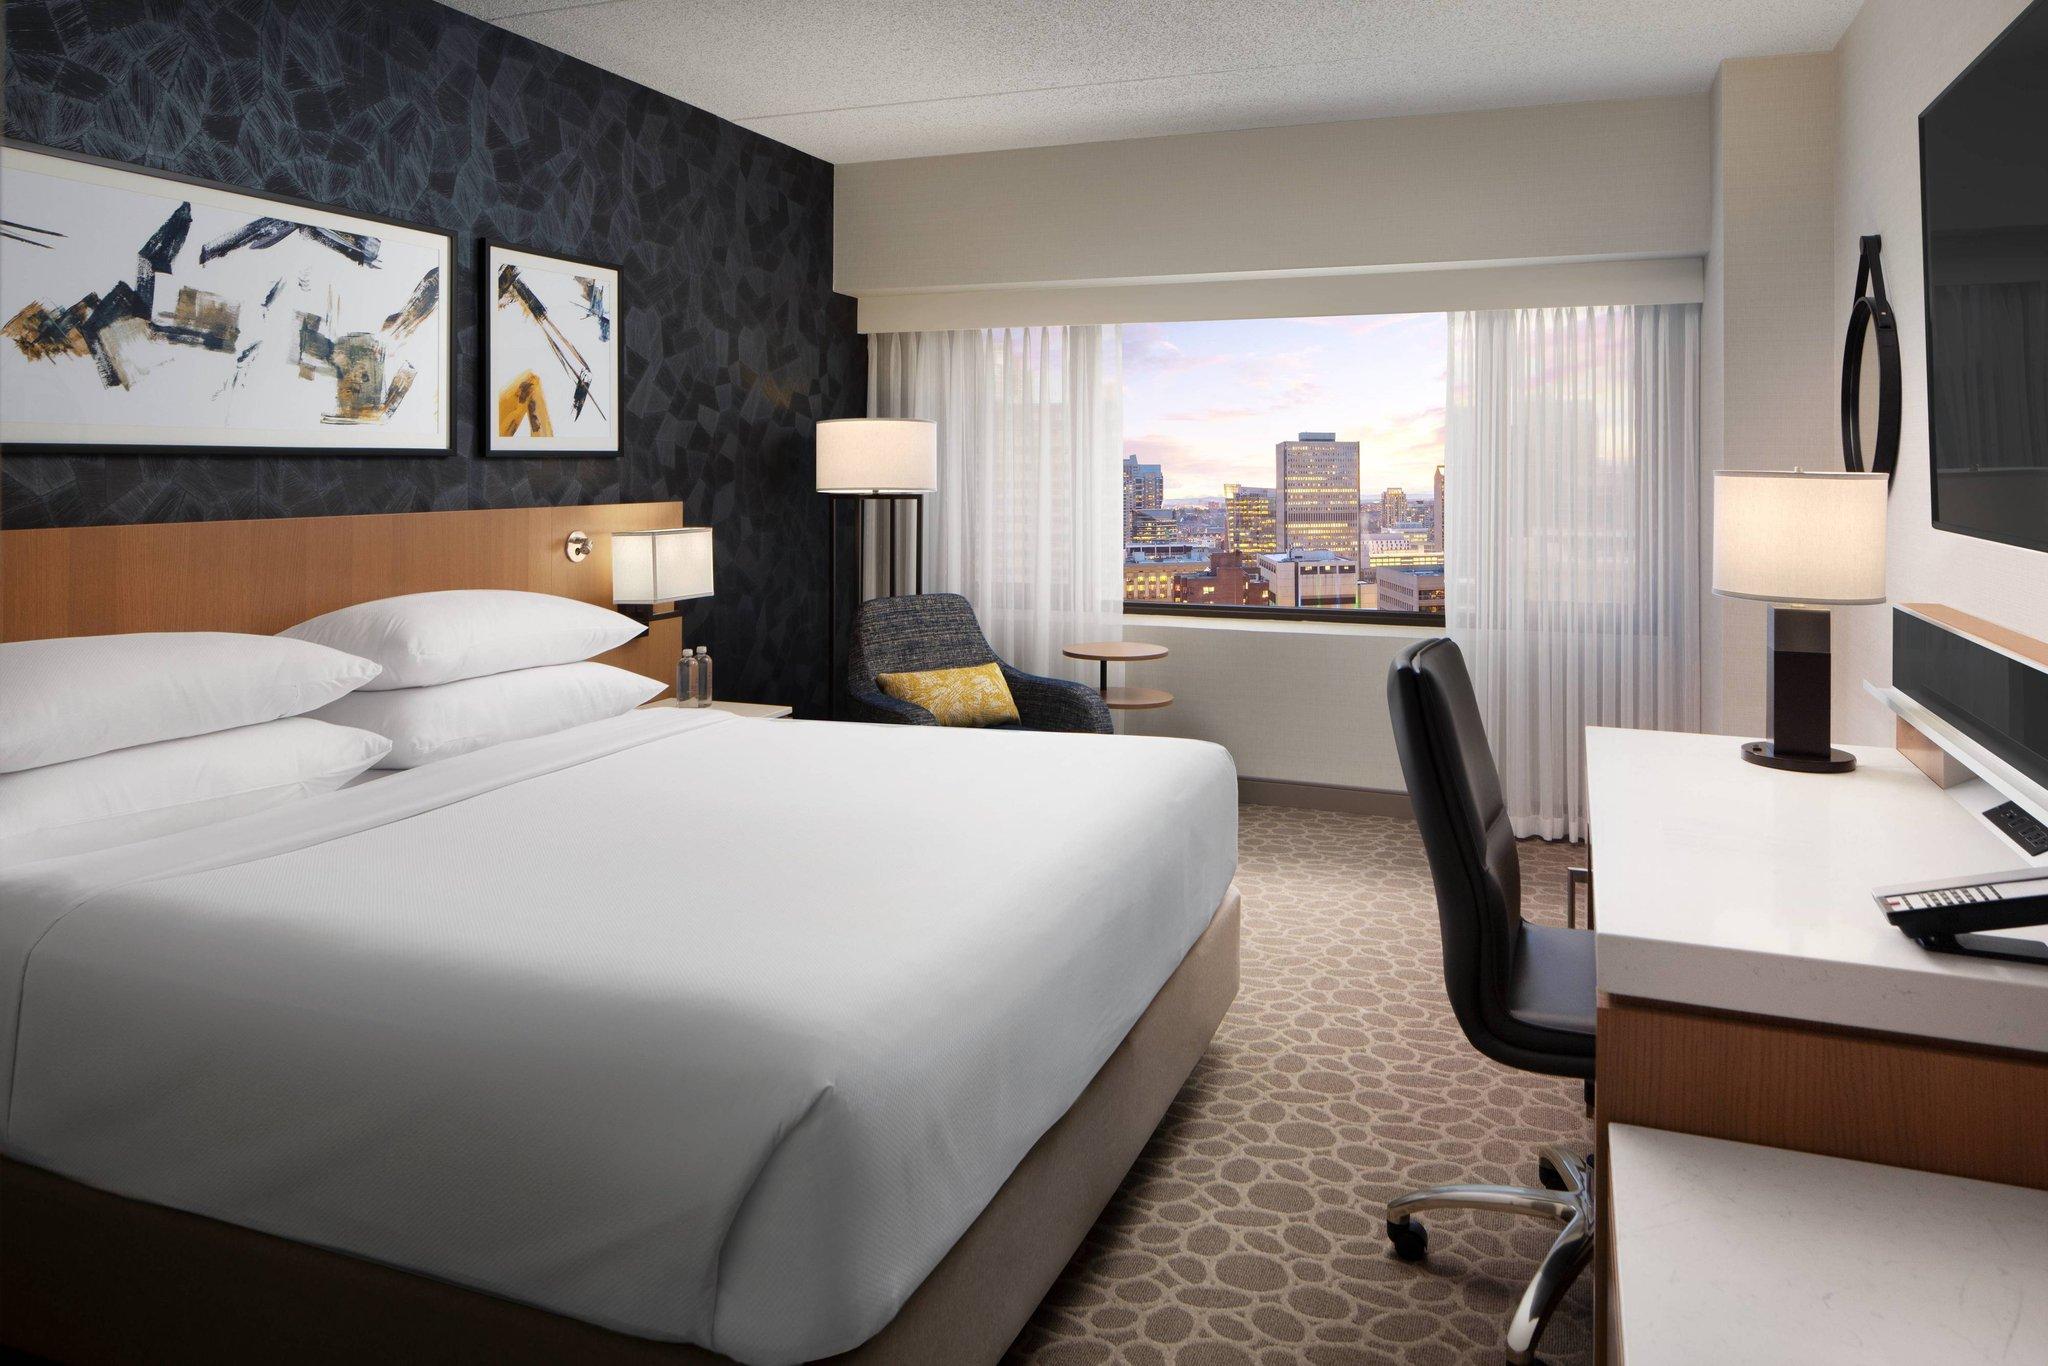 Delta Hotels Chicago Willowbrook